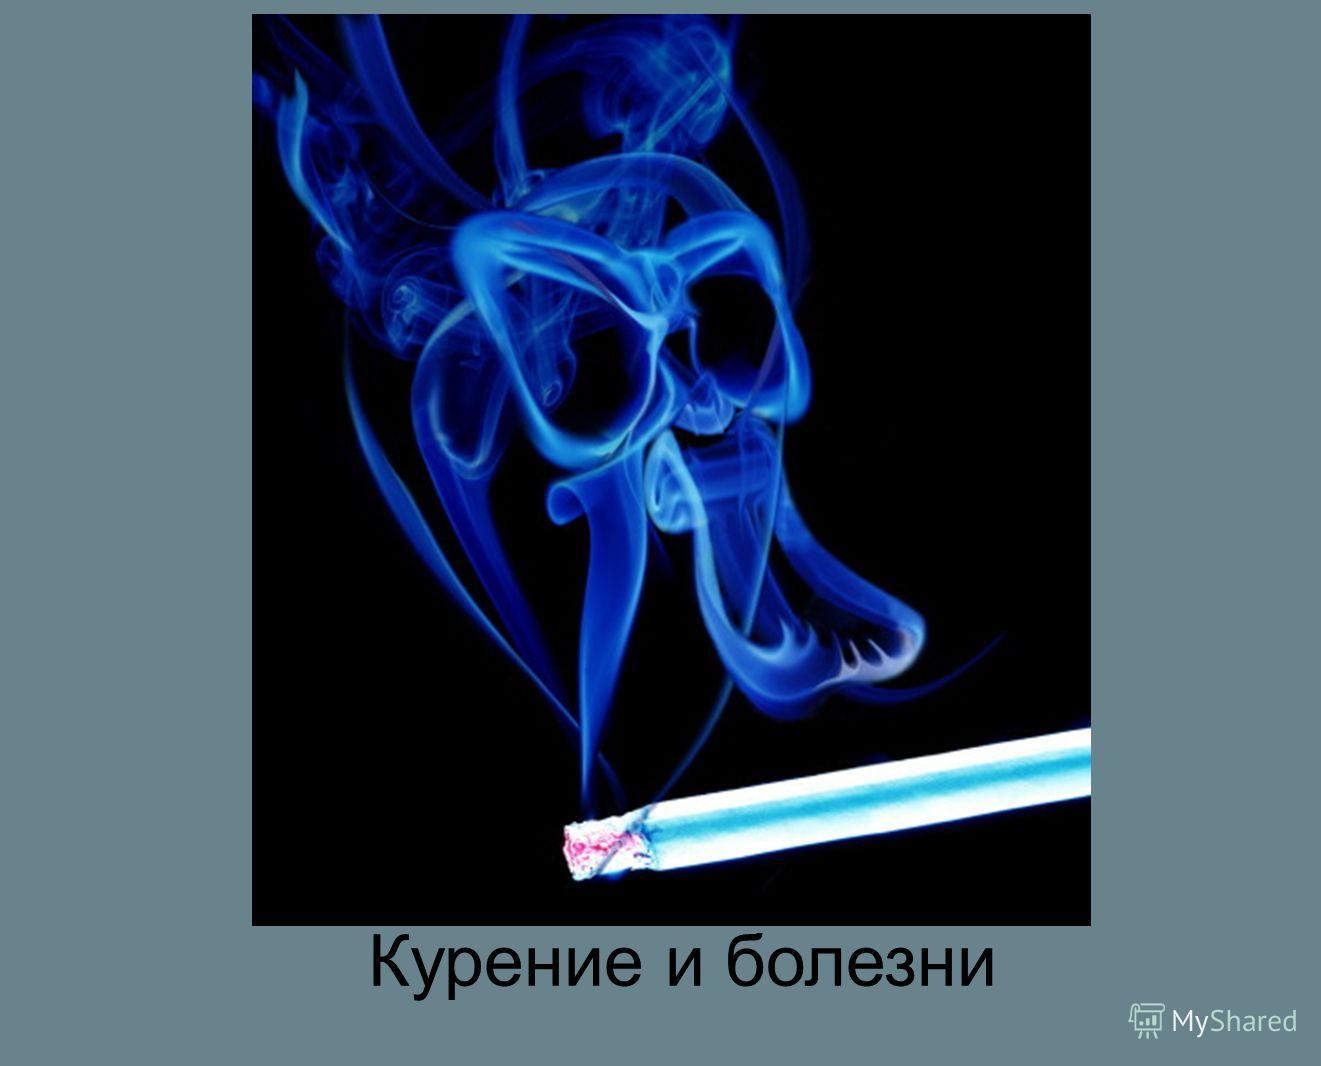 Курение и болезни